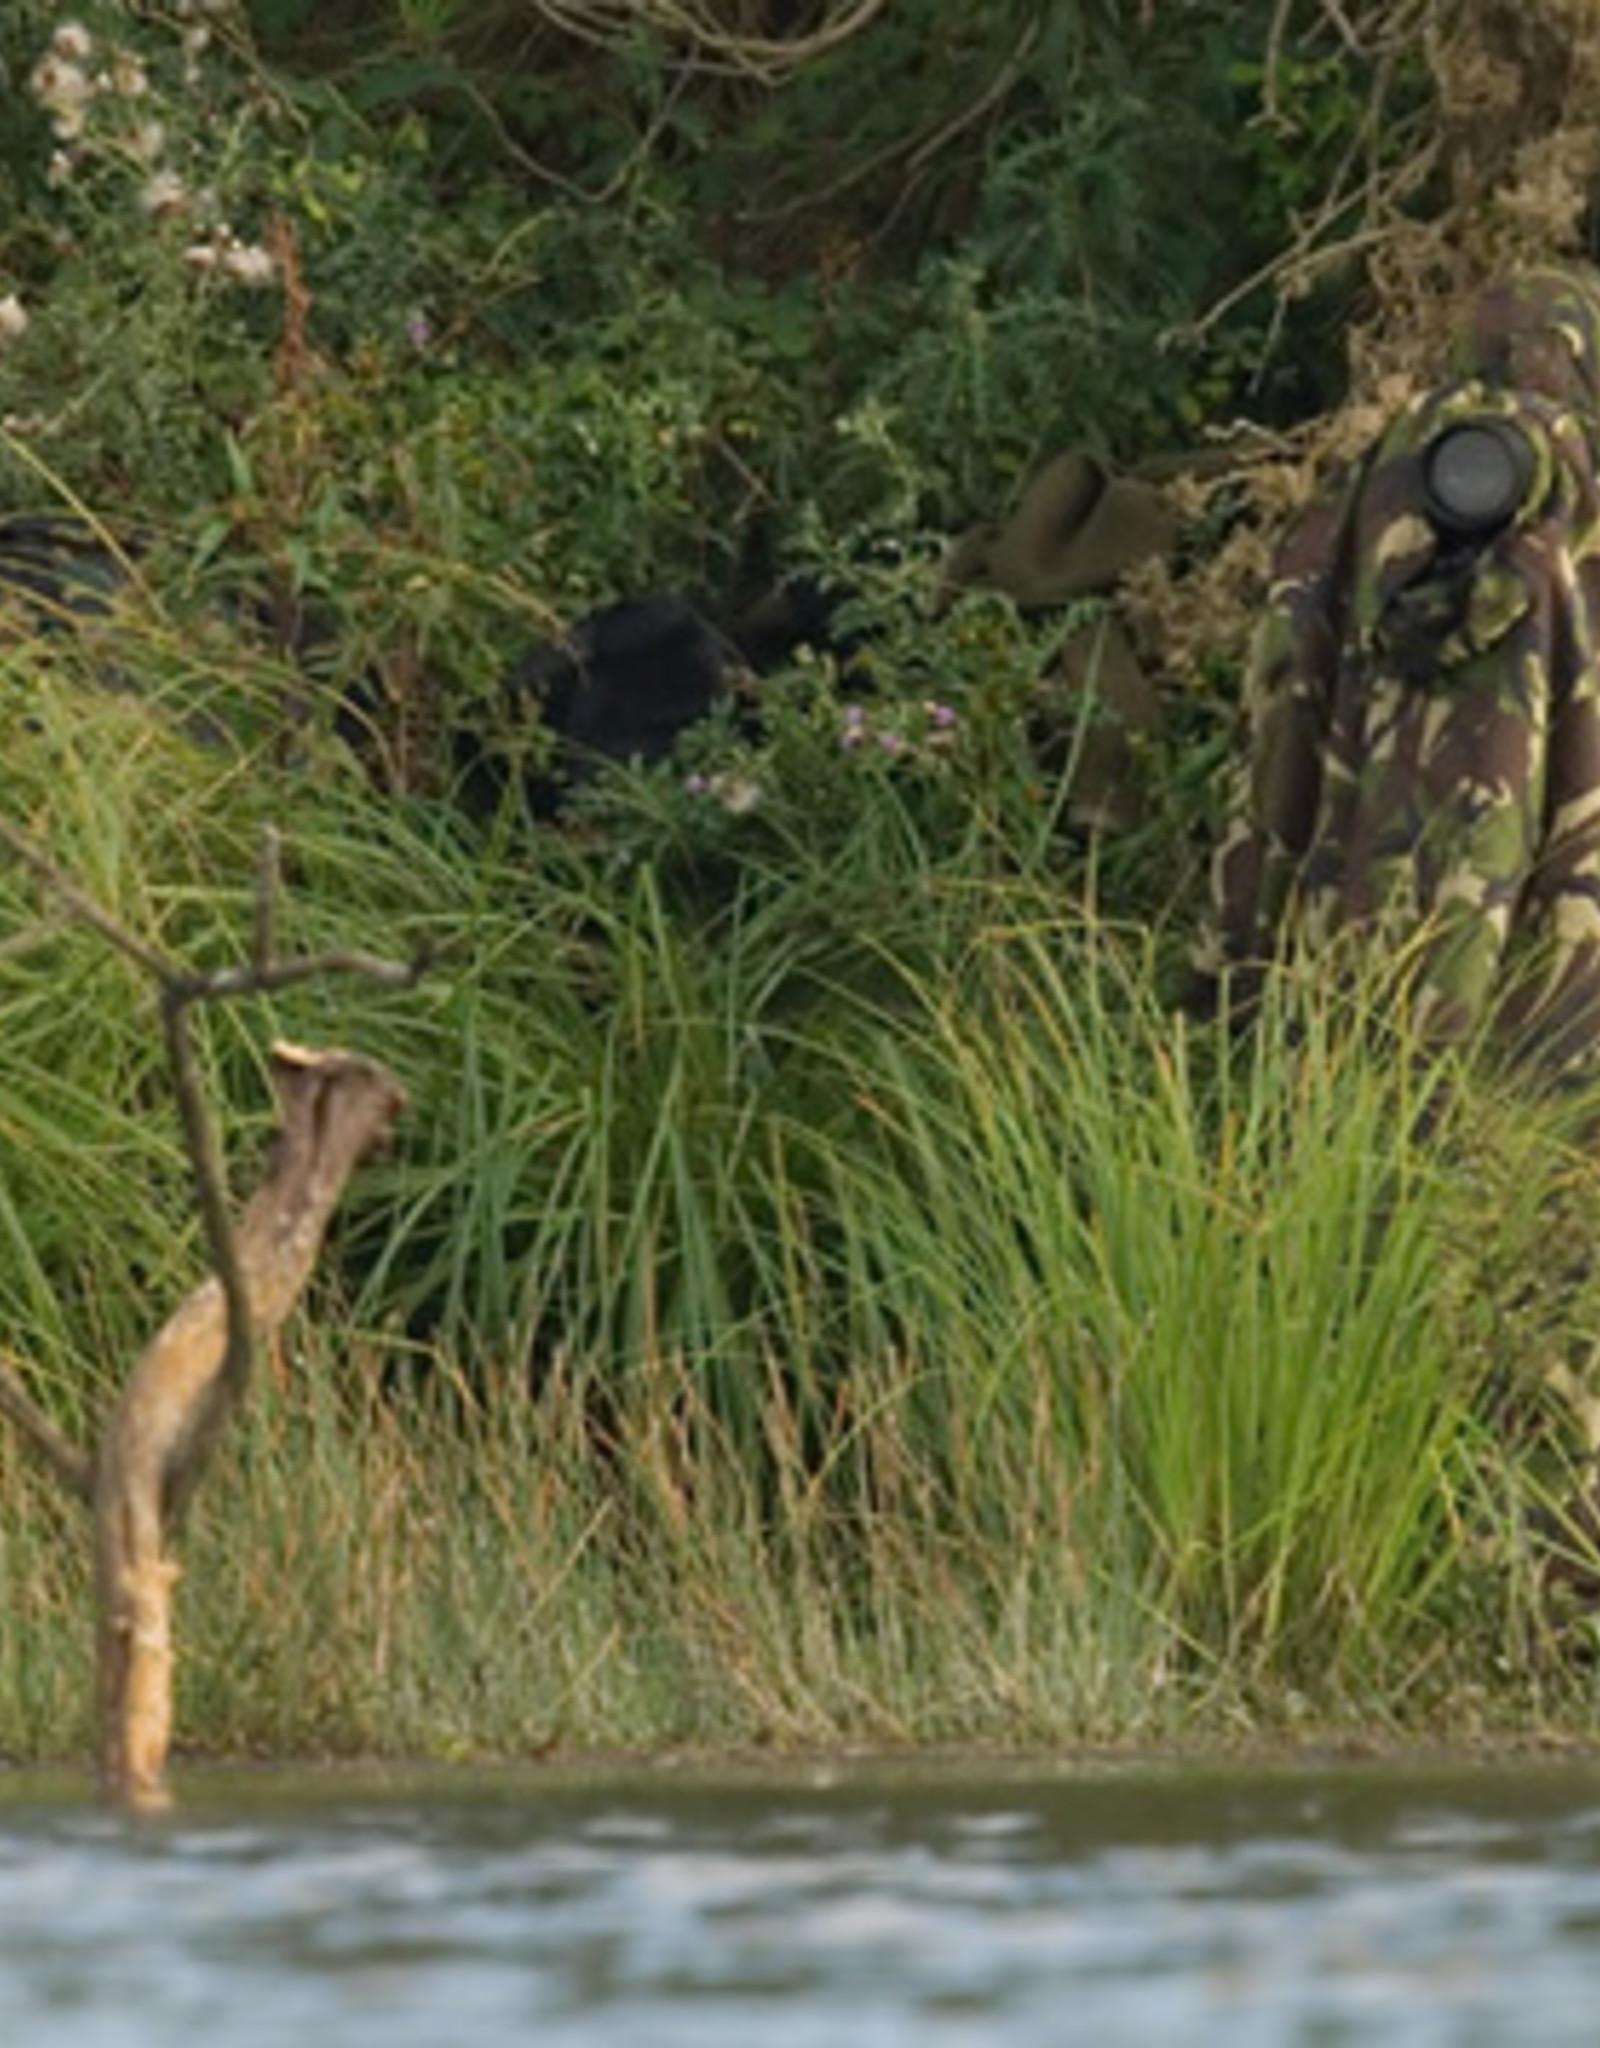 HBN - Enjoy Wildlife! HBN camouflage cloth cotton I